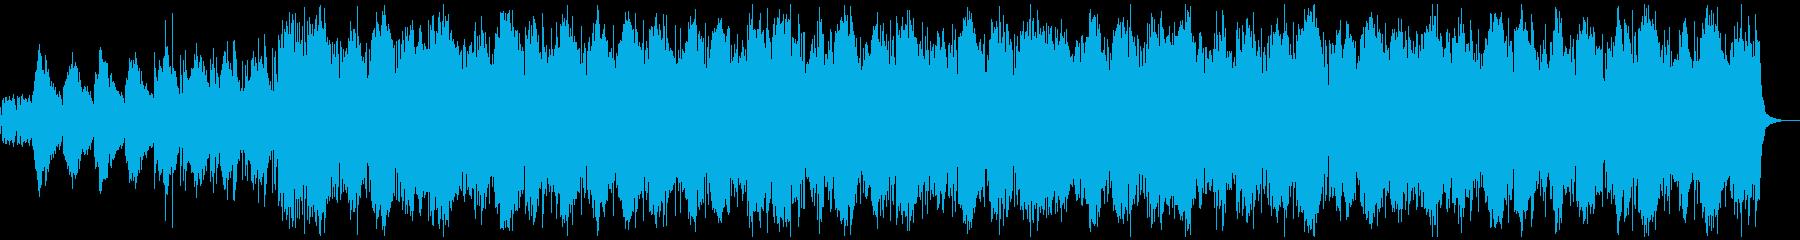 考え中・リザルト画面のアンビエンスの再生済みの波形